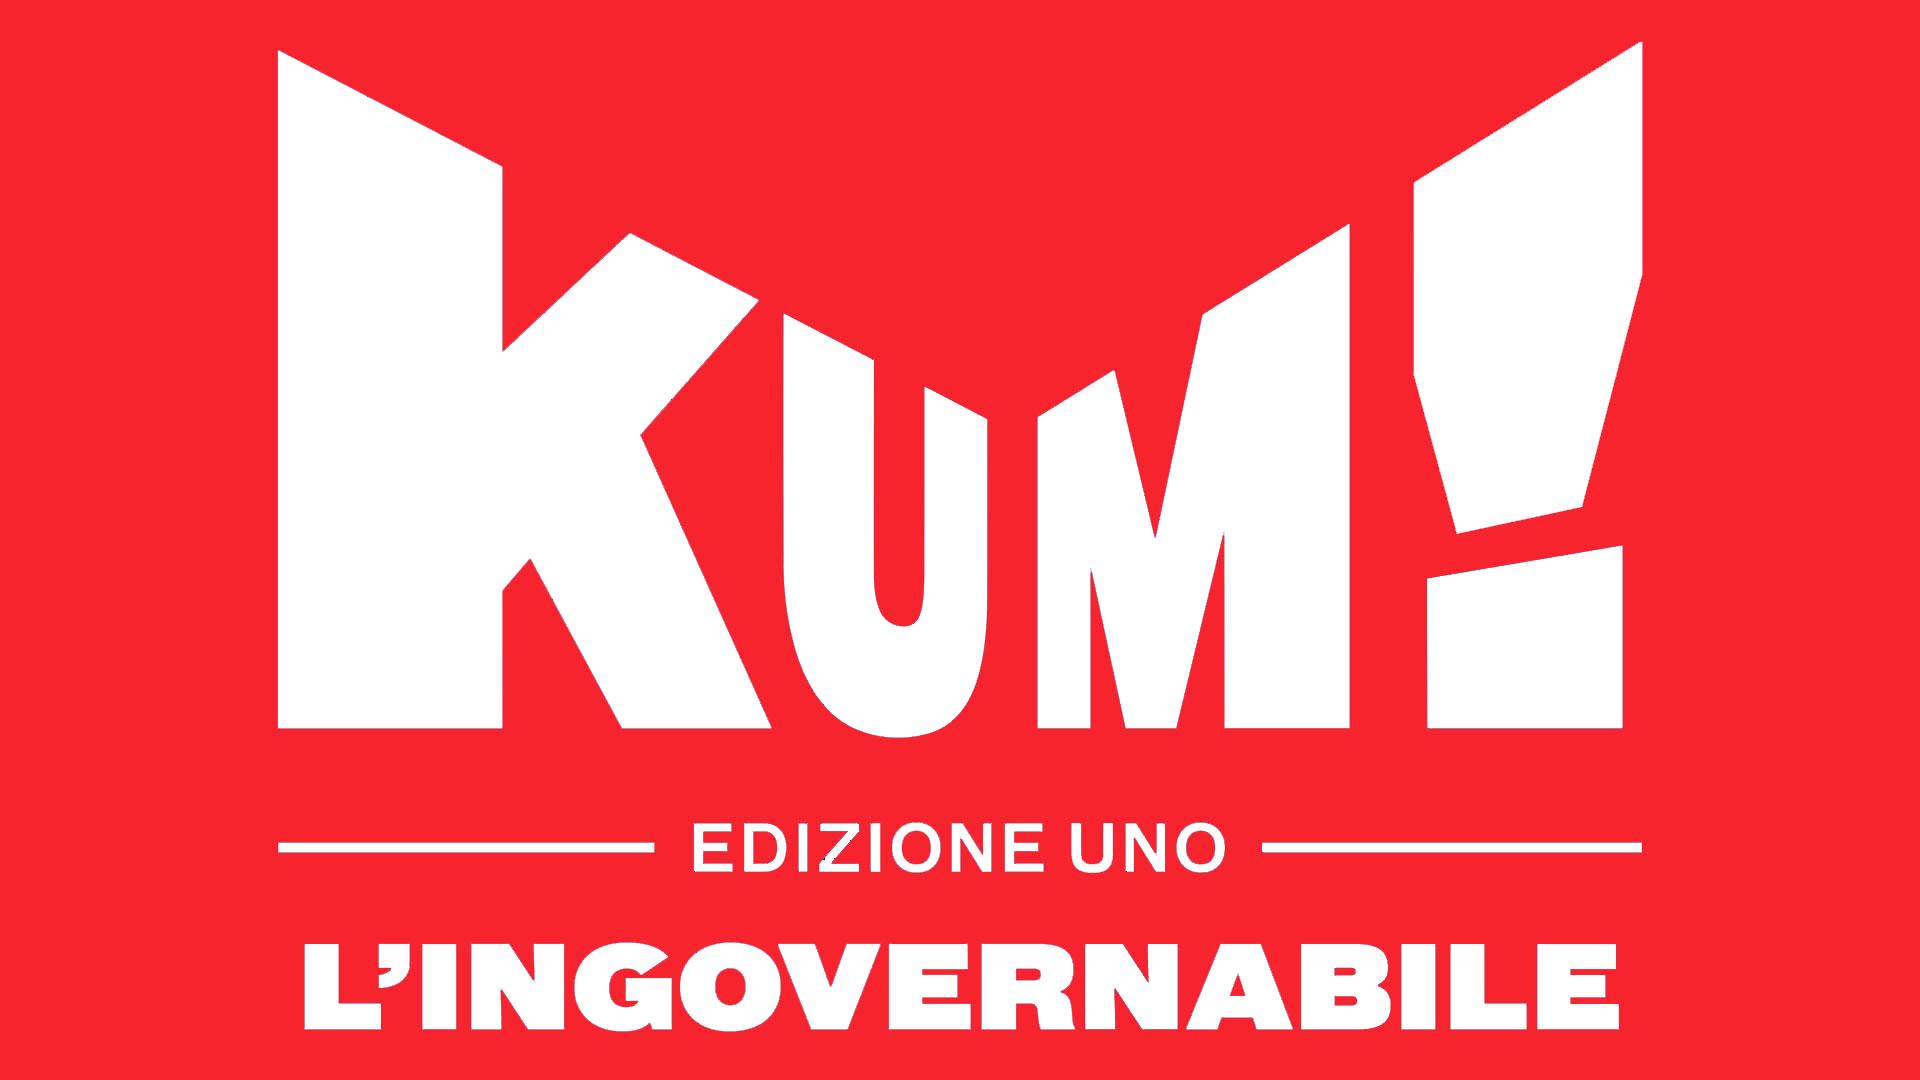 KUM festival 2017